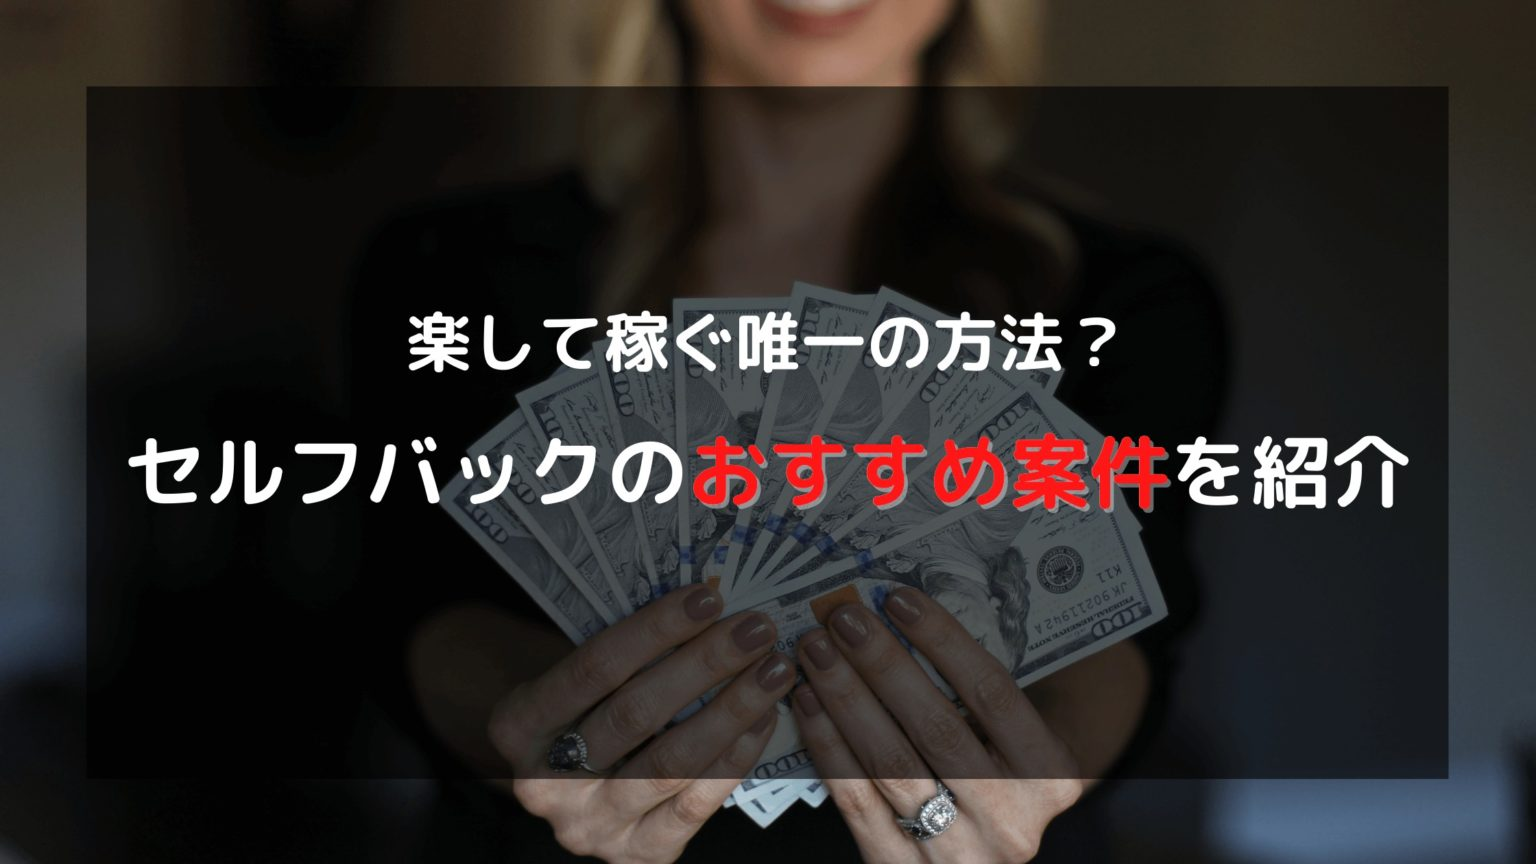 【時給3万円】セルフバックは誰でも簡単に稼げると断言します【a8おすすめ案件】